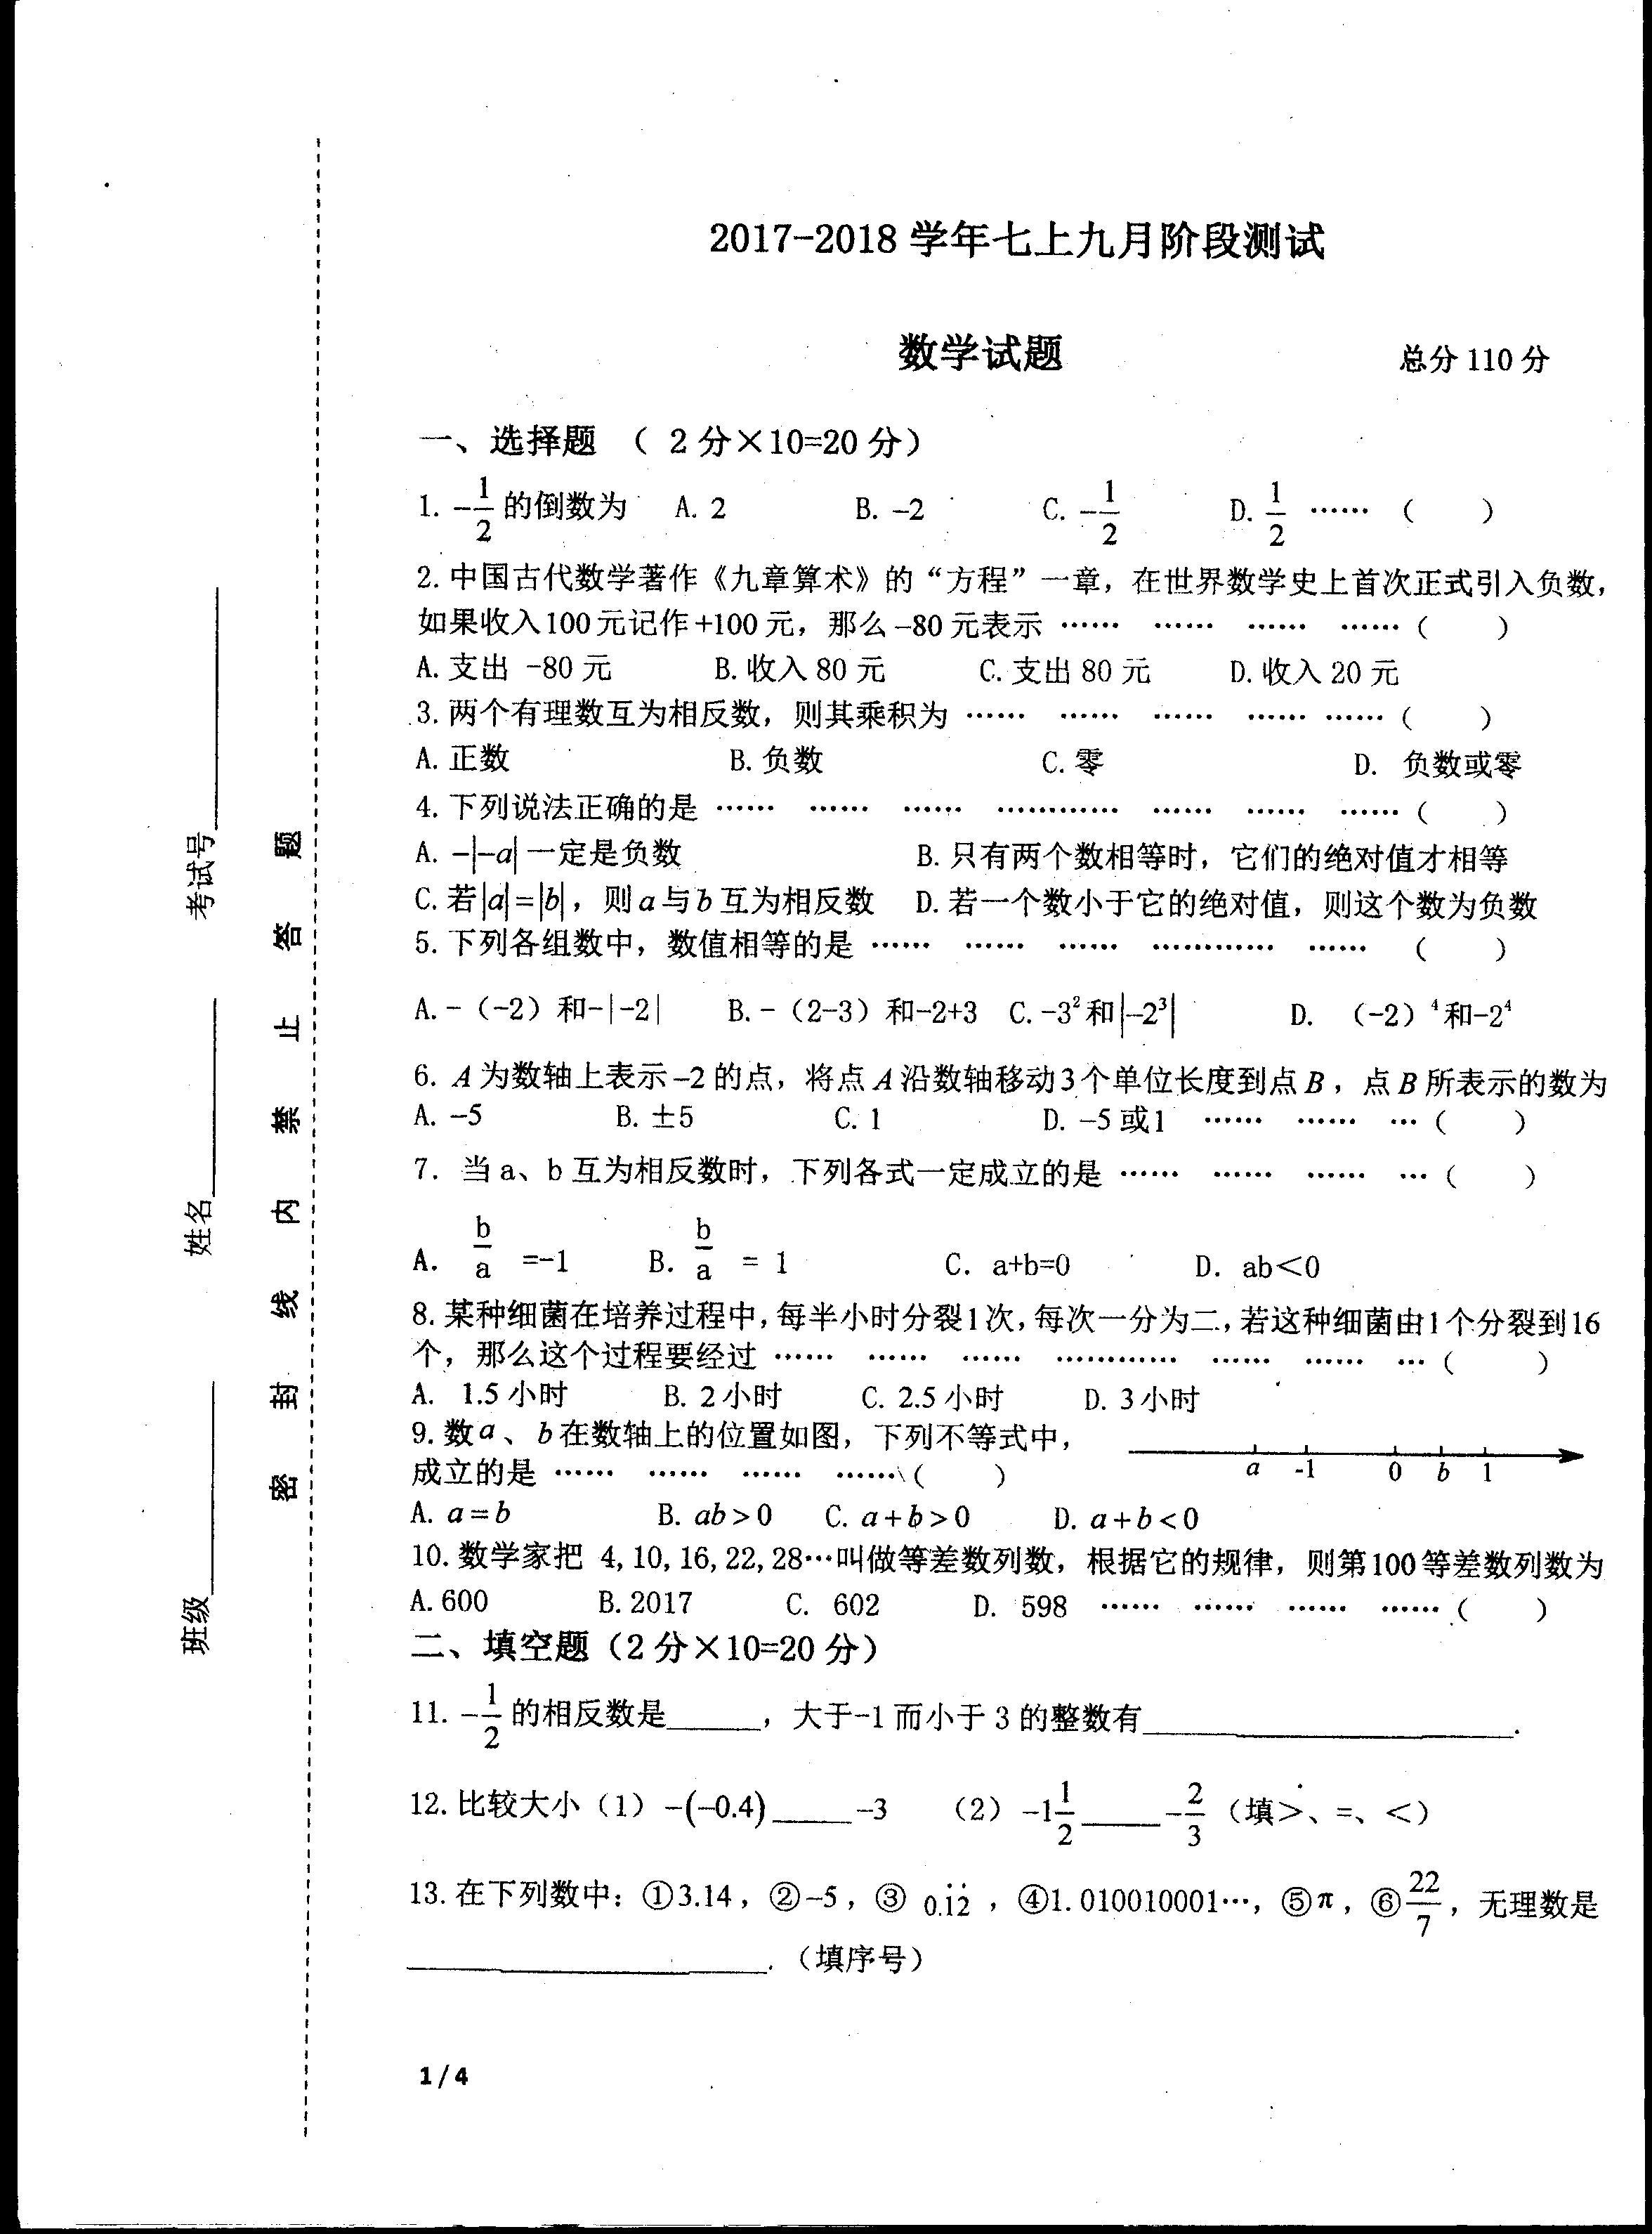 2017-2018江苏无锡羊尖中学初一上9月月考数学试题(图片版)